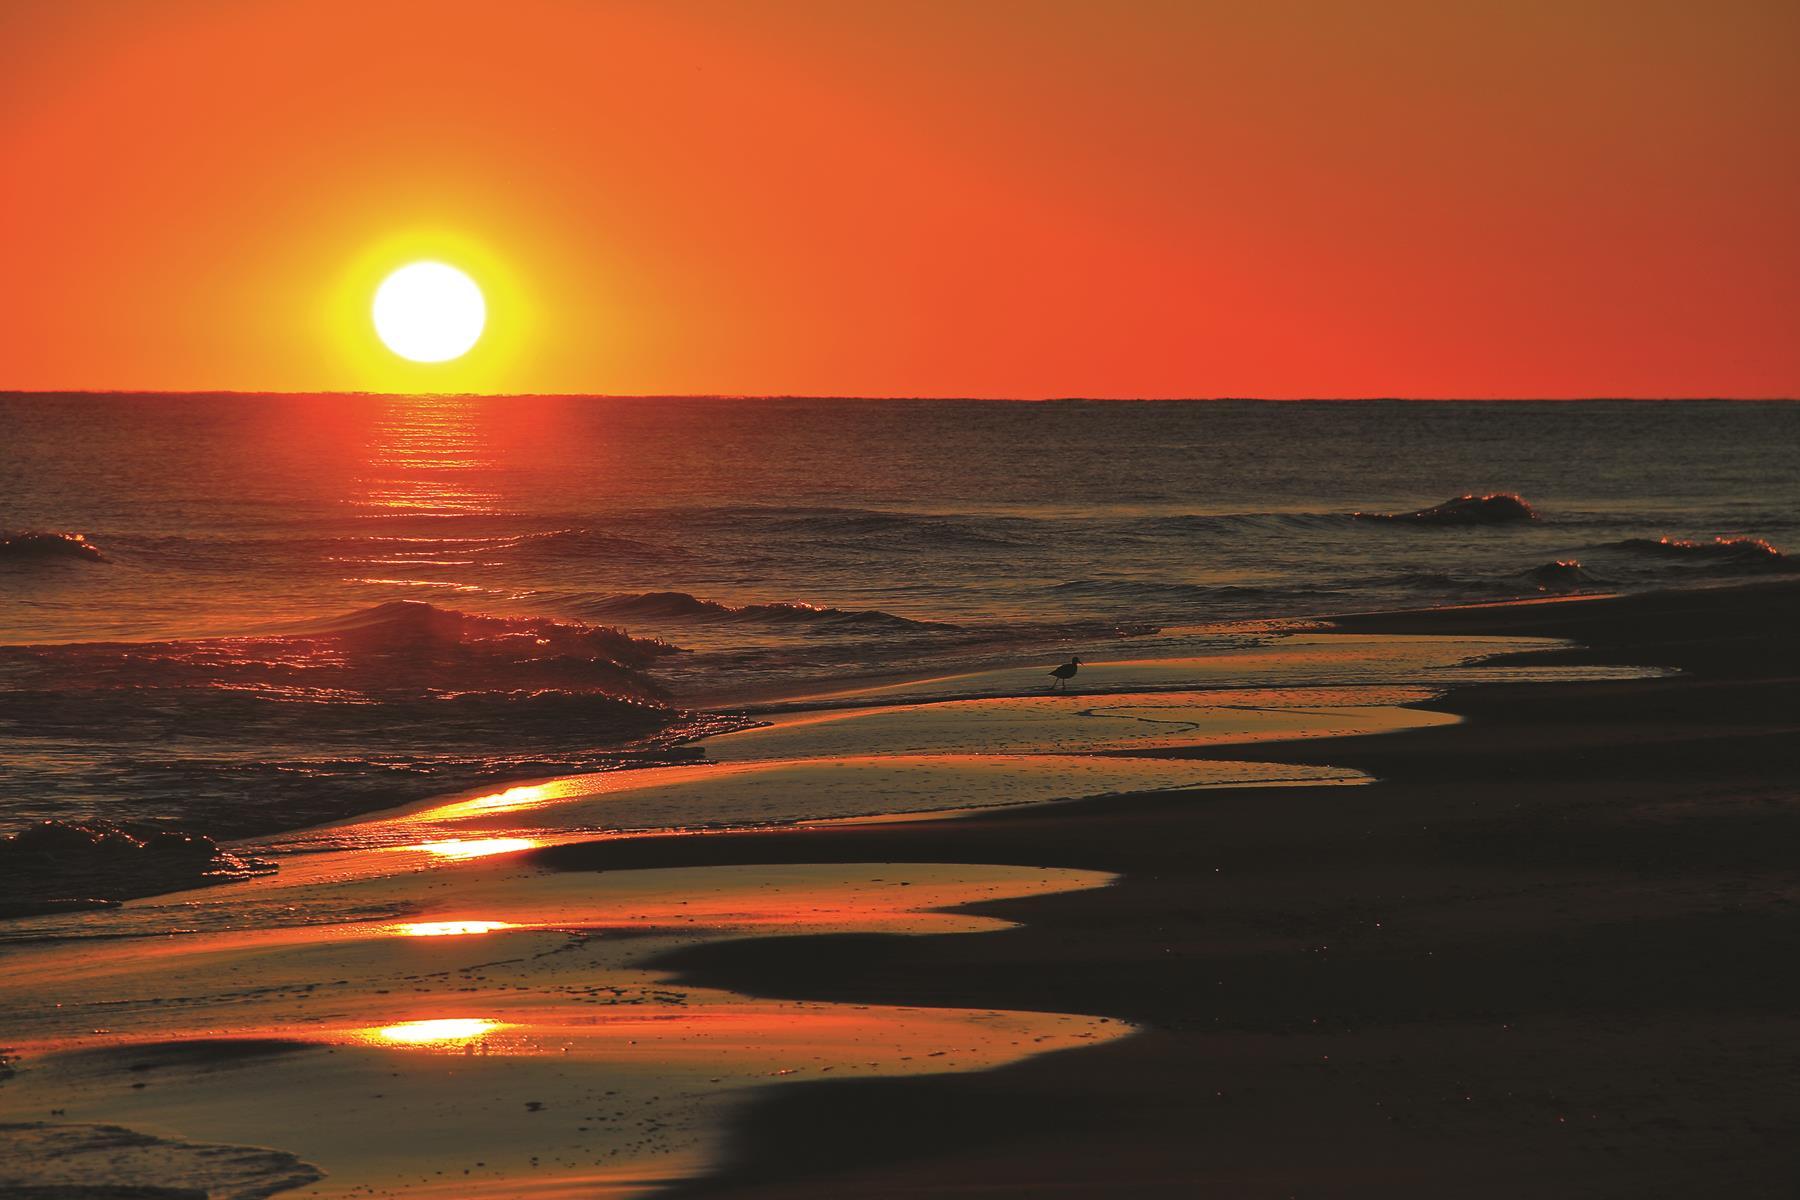 Gulf Shores Alabama sunset photo by John Tuggle